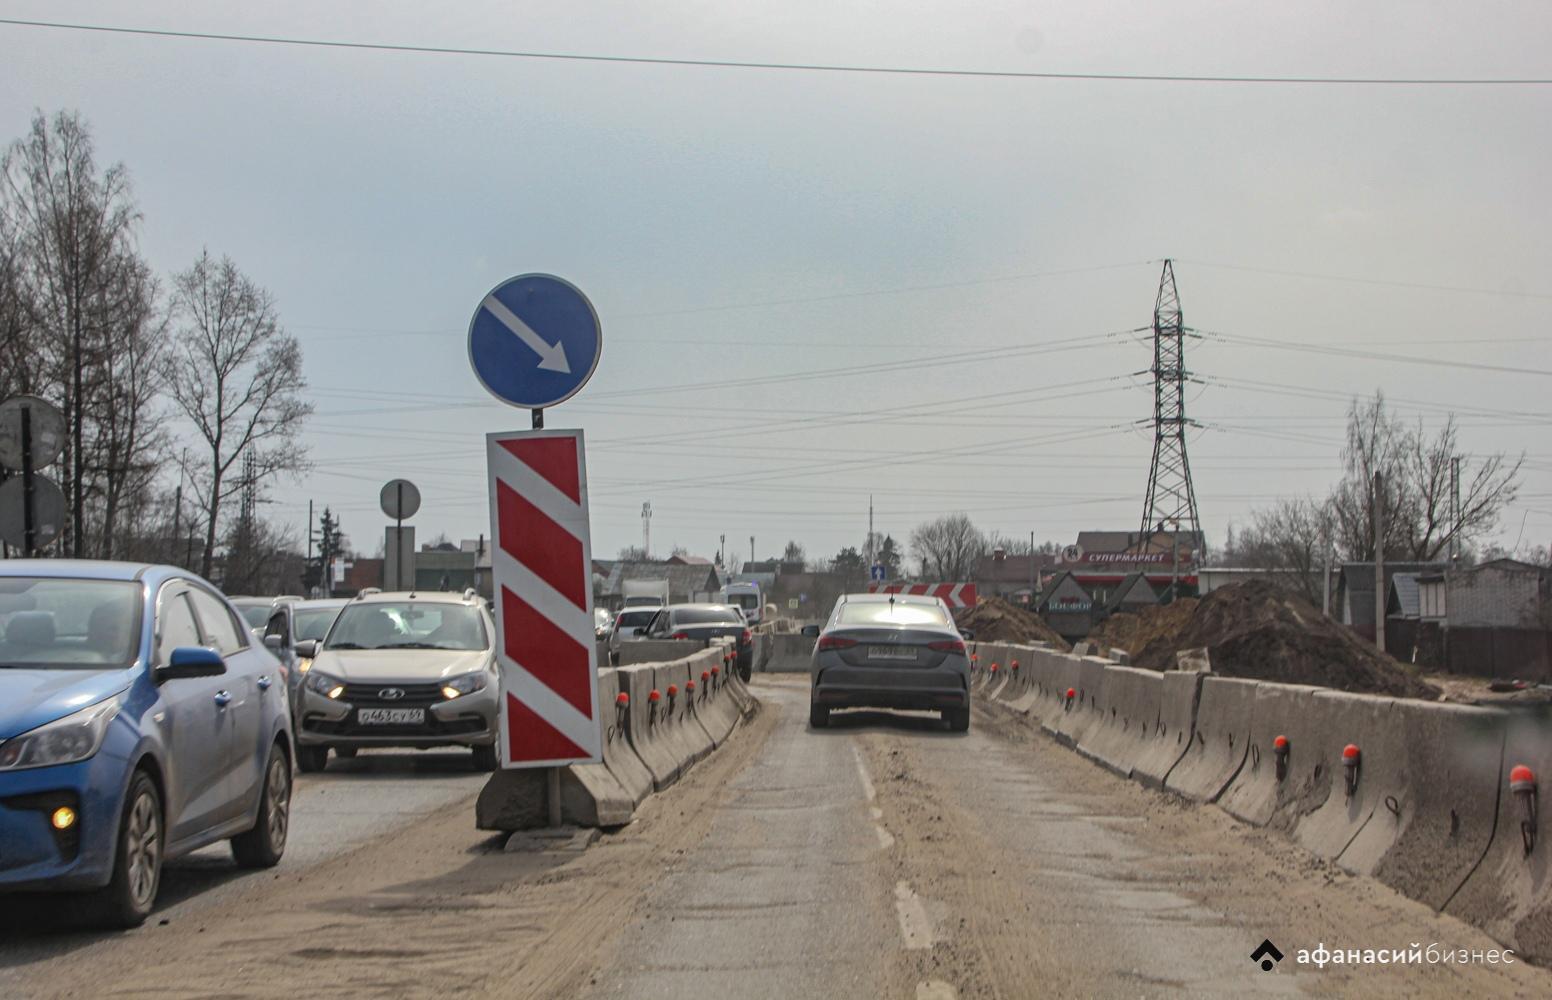 Ограничения на «бежецкой»: в Твери перекрывают улицы Шишкова и Новая Заря  - новости Афанасий